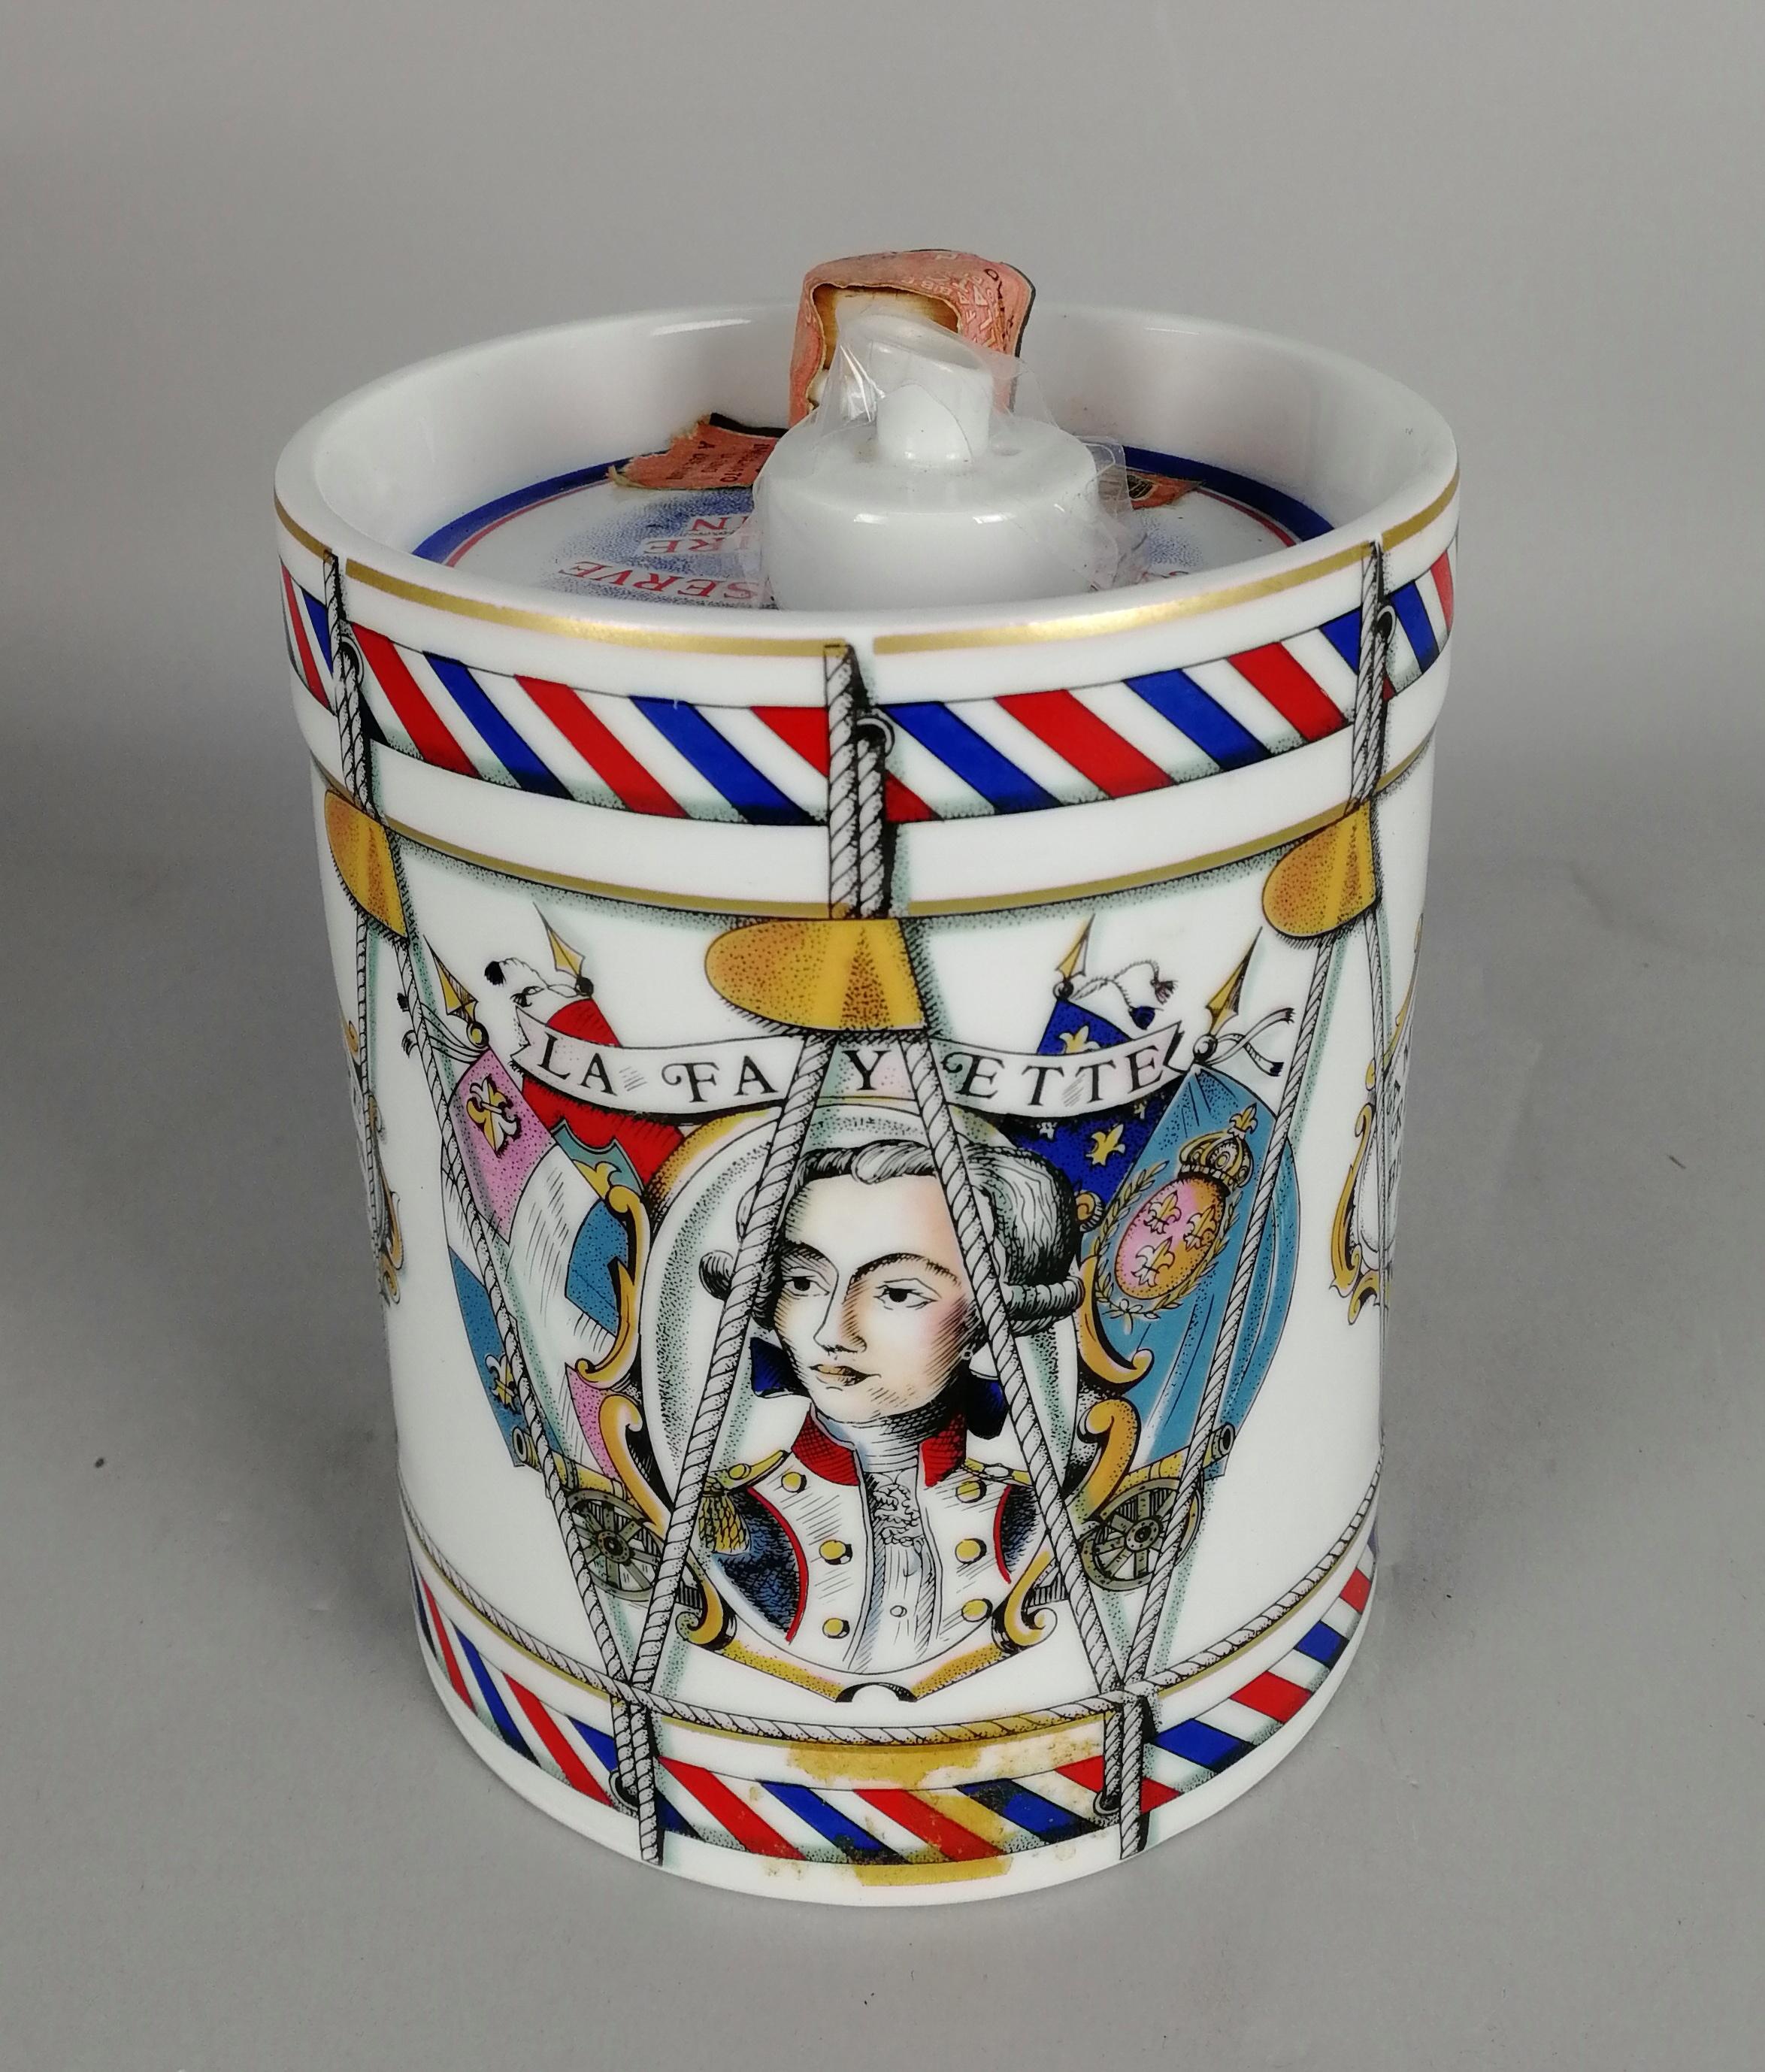 Lot 55 - Cognac CAMUS Vielle Reserve du Bicentenaire Americain 1776-1976. Decanter in porcellana Haviland